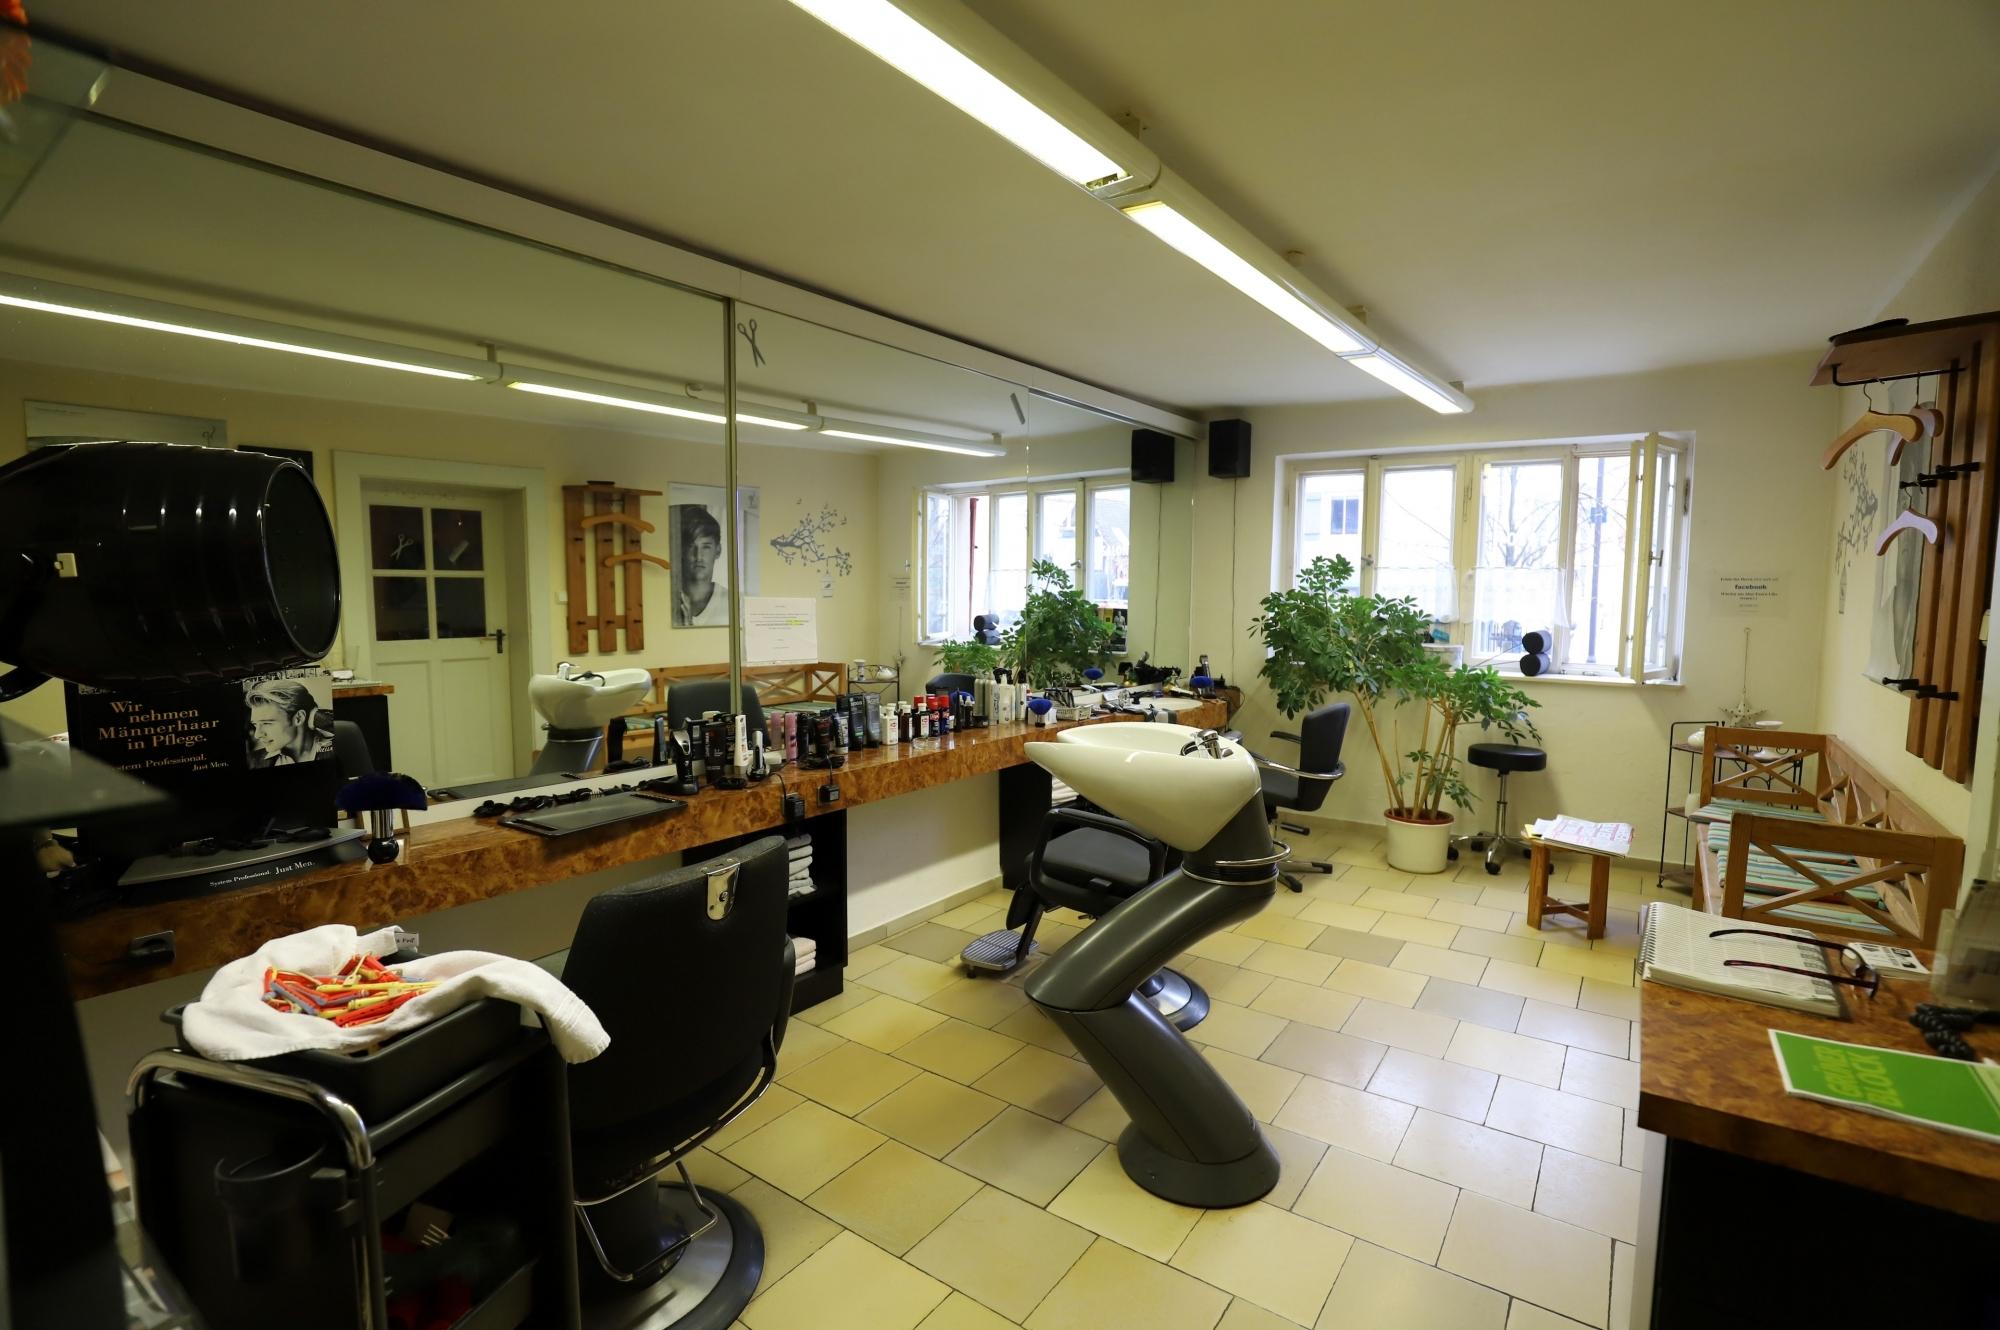 Friseurladen im Erdgeschoss